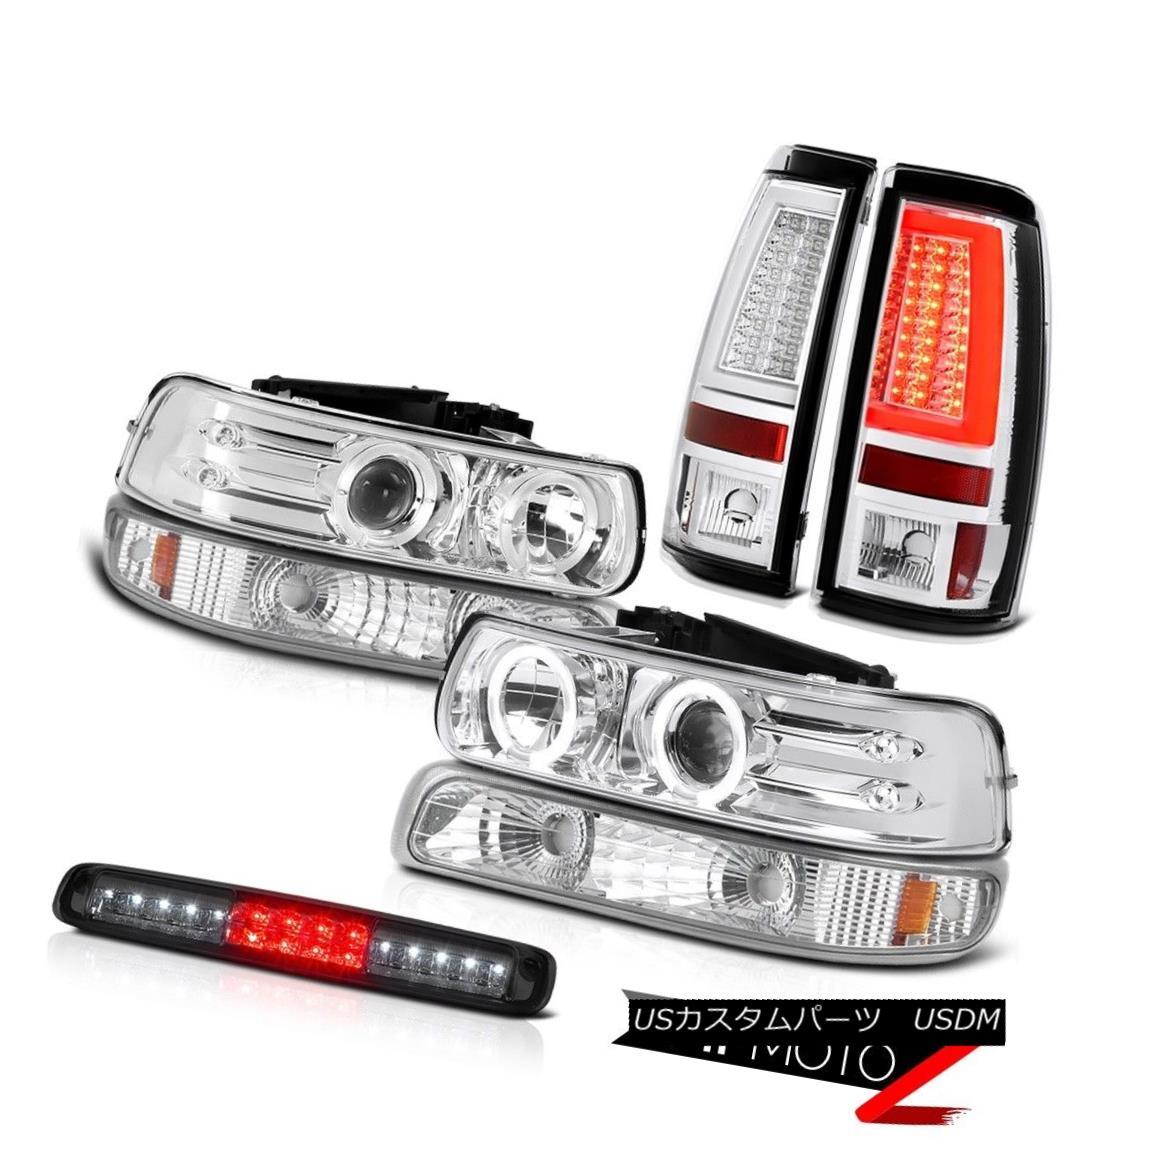 テールライト 1999-2002 Silverado 2500 Taillights Signal Lamp Headlamps 3rd Brake Angel Eyes 1999-2002 Silverado 2500灯台信号灯ヘッドランプ第3ブレーキ天使の目